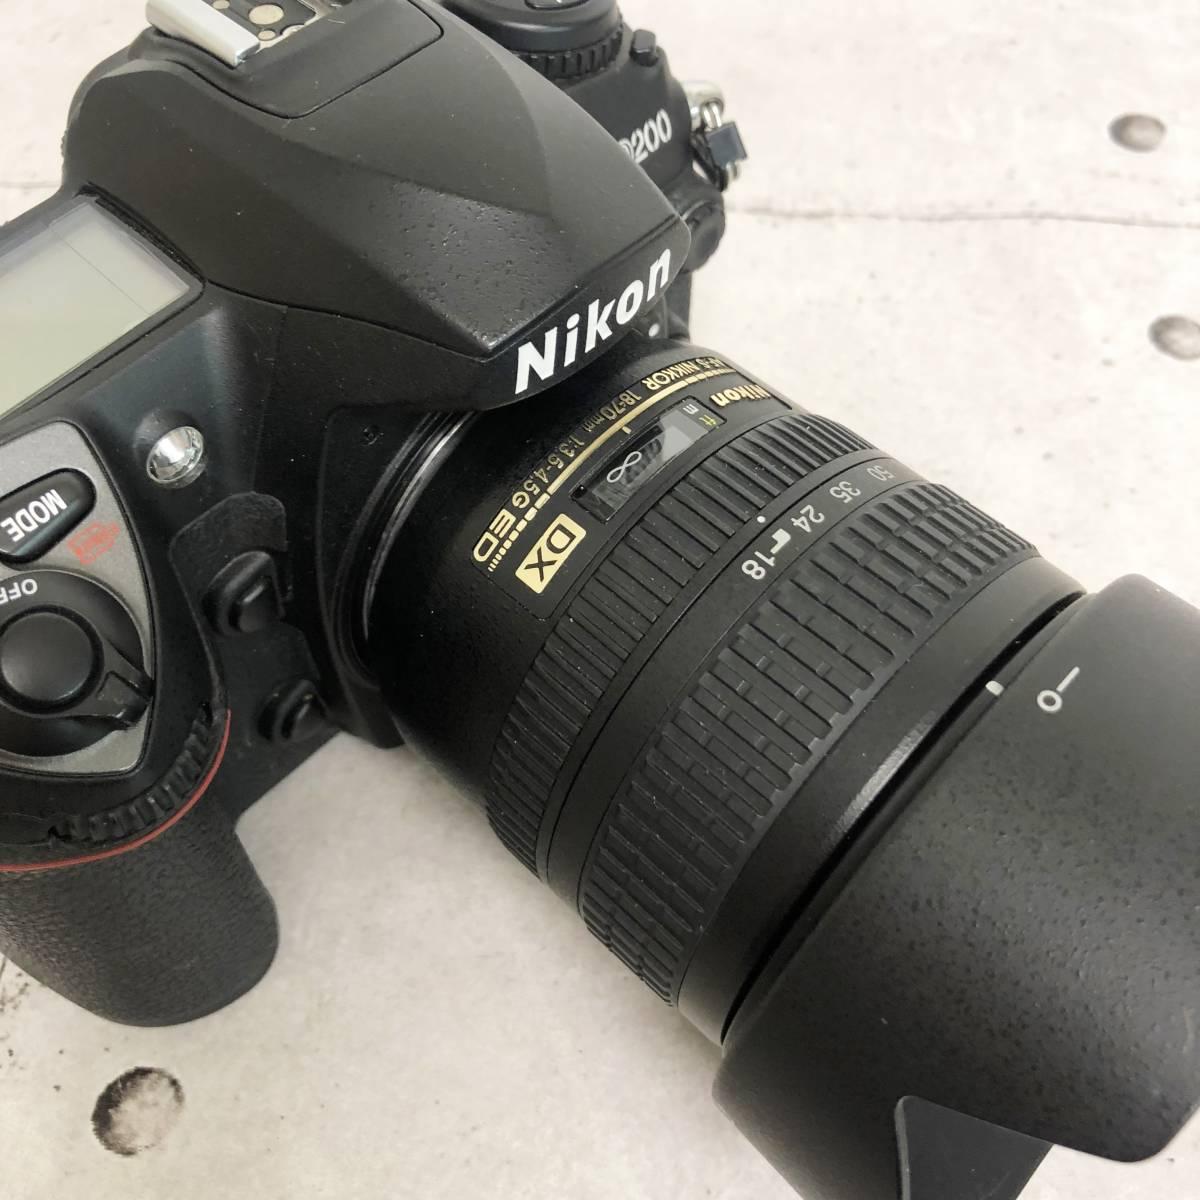 ニコン カメラ D200 AF-S NIKKOR 18‐70㎜ 1:3.5-4.5G 動作未確認 ジャンク品_画像7